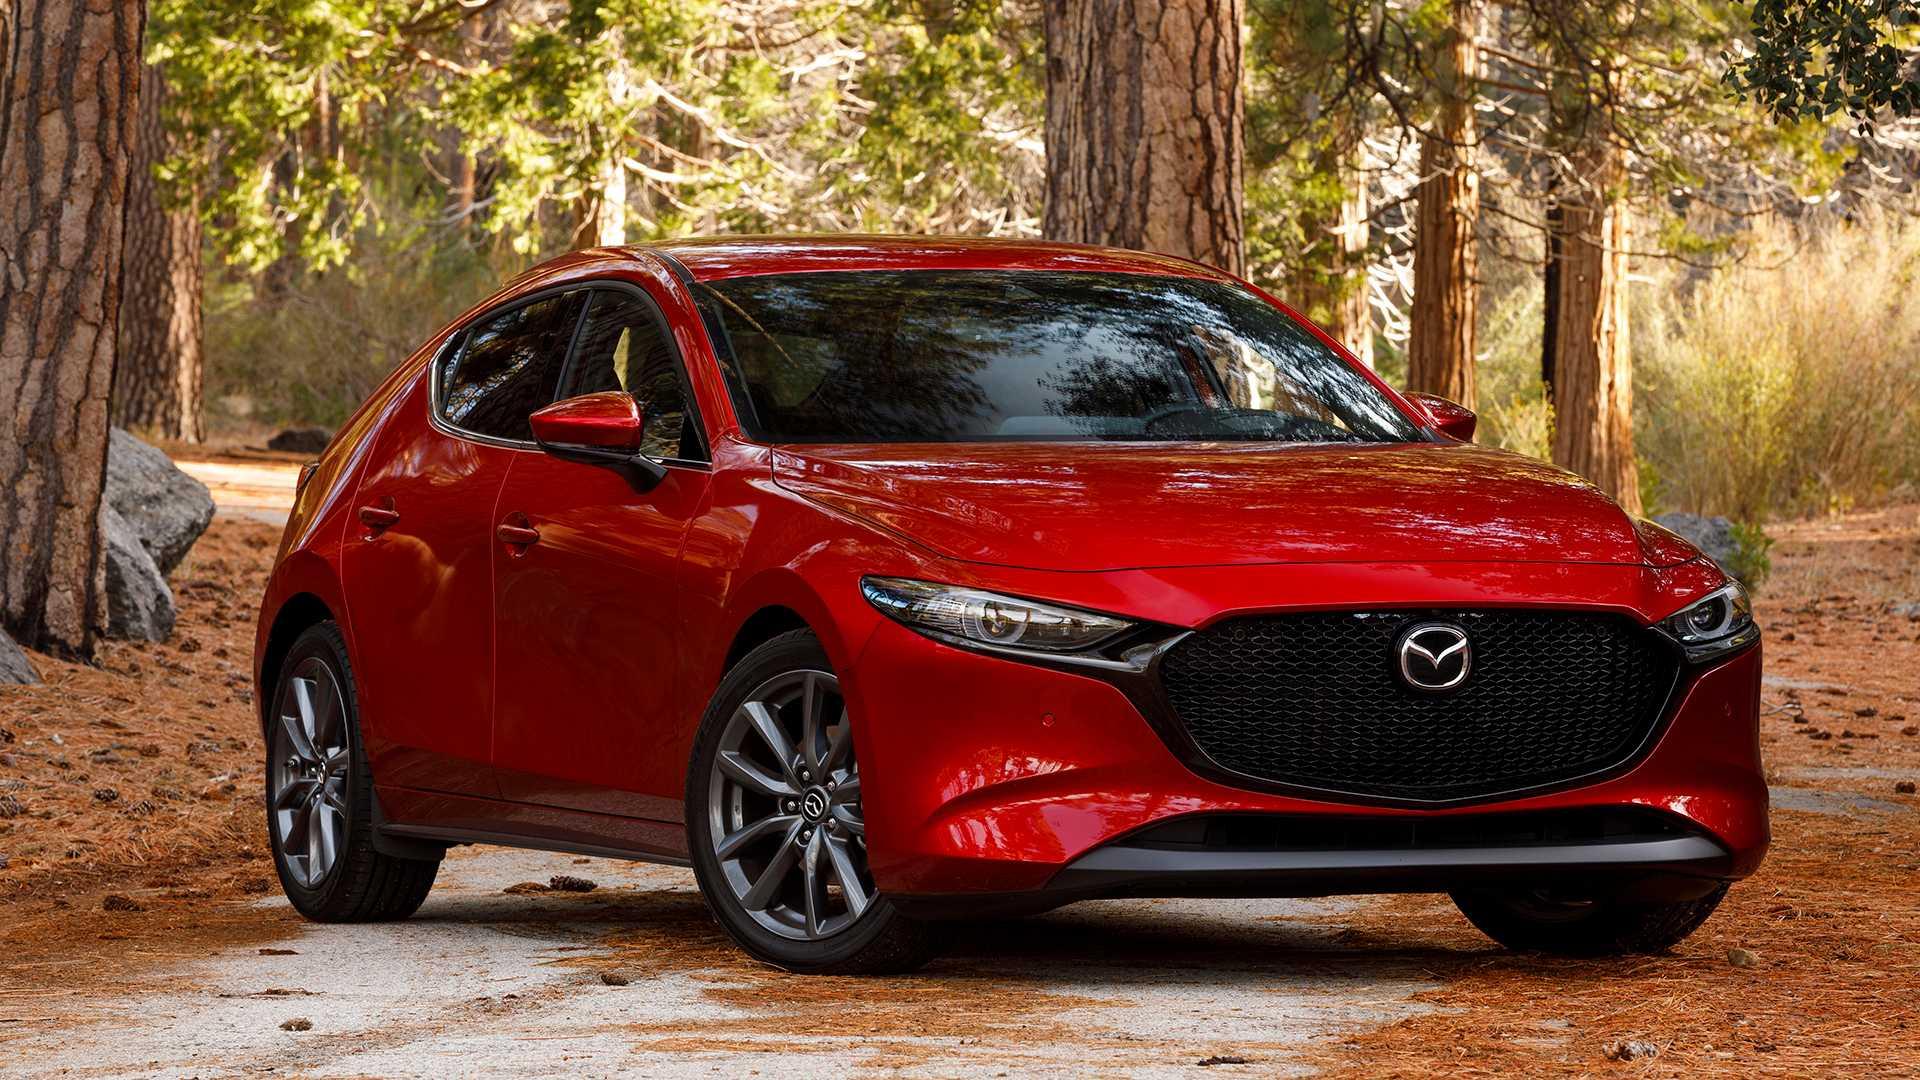 73 Great 2020 Mazda 3 Jalopnik Pictures with 2020 Mazda 3 Jalopnik